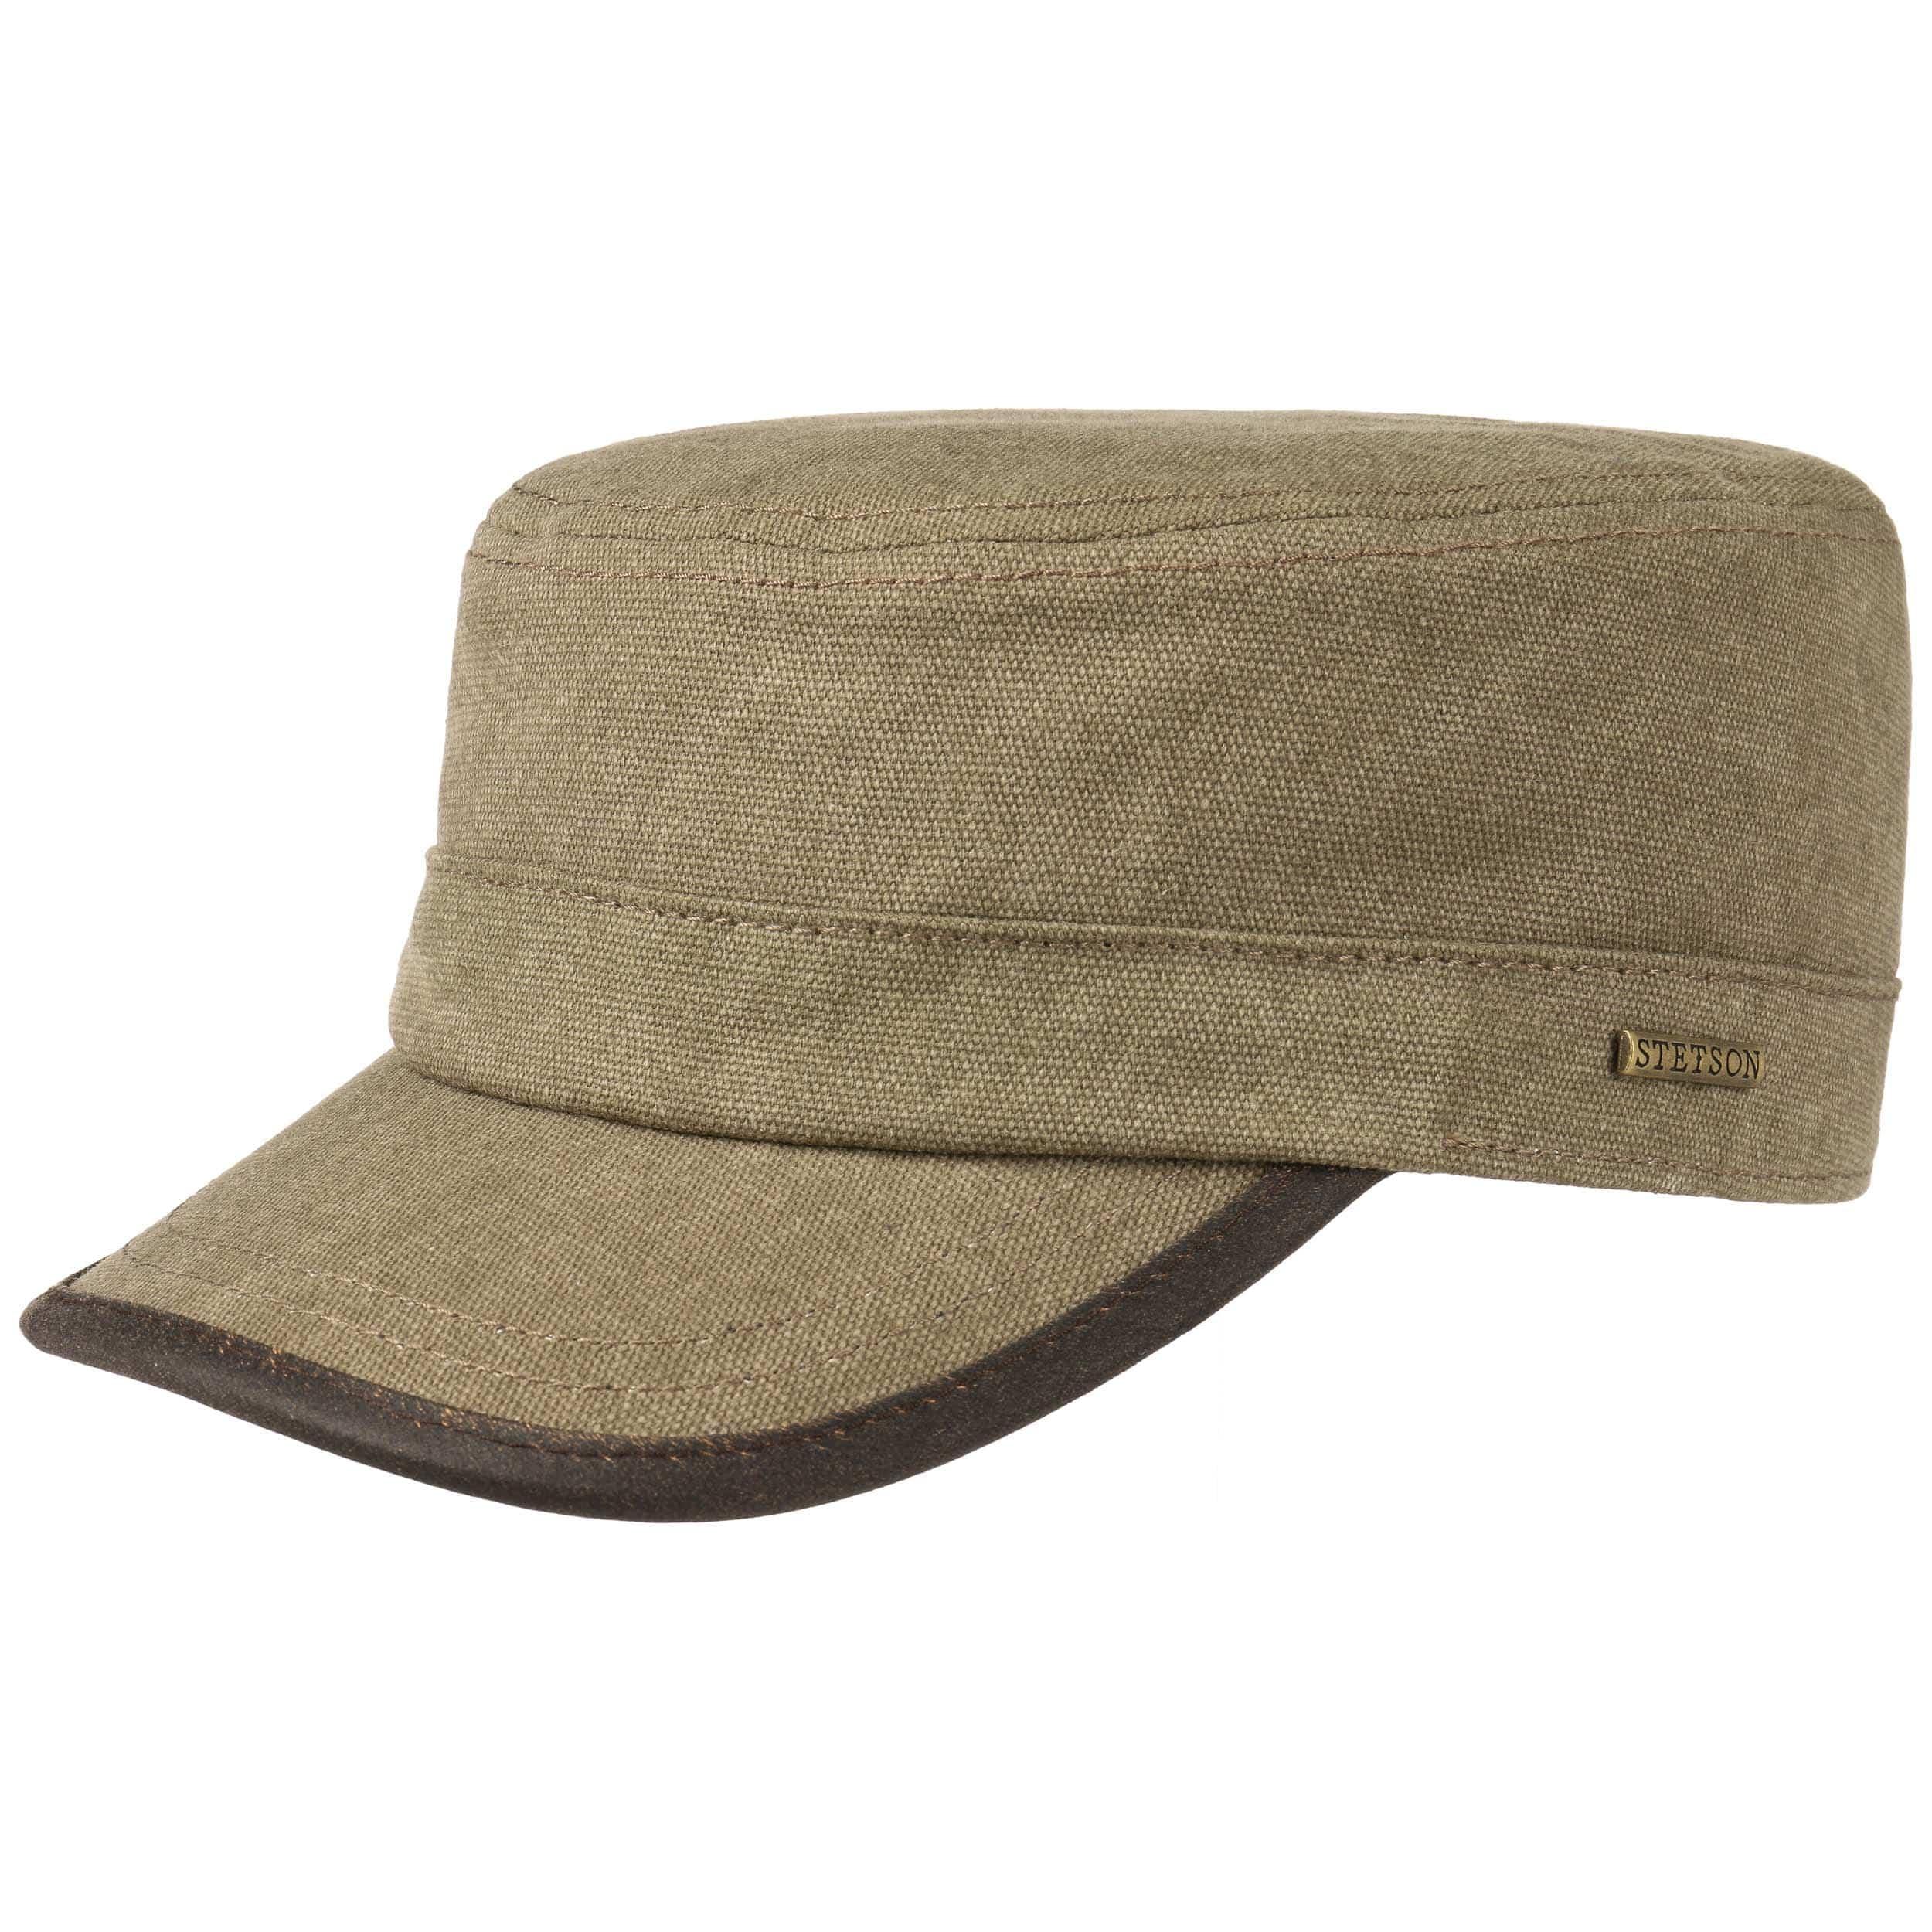 casquette army doublure polaire by stetson eur 59 00 chapeaux casquettes et bonnets en. Black Bedroom Furniture Sets. Home Design Ideas